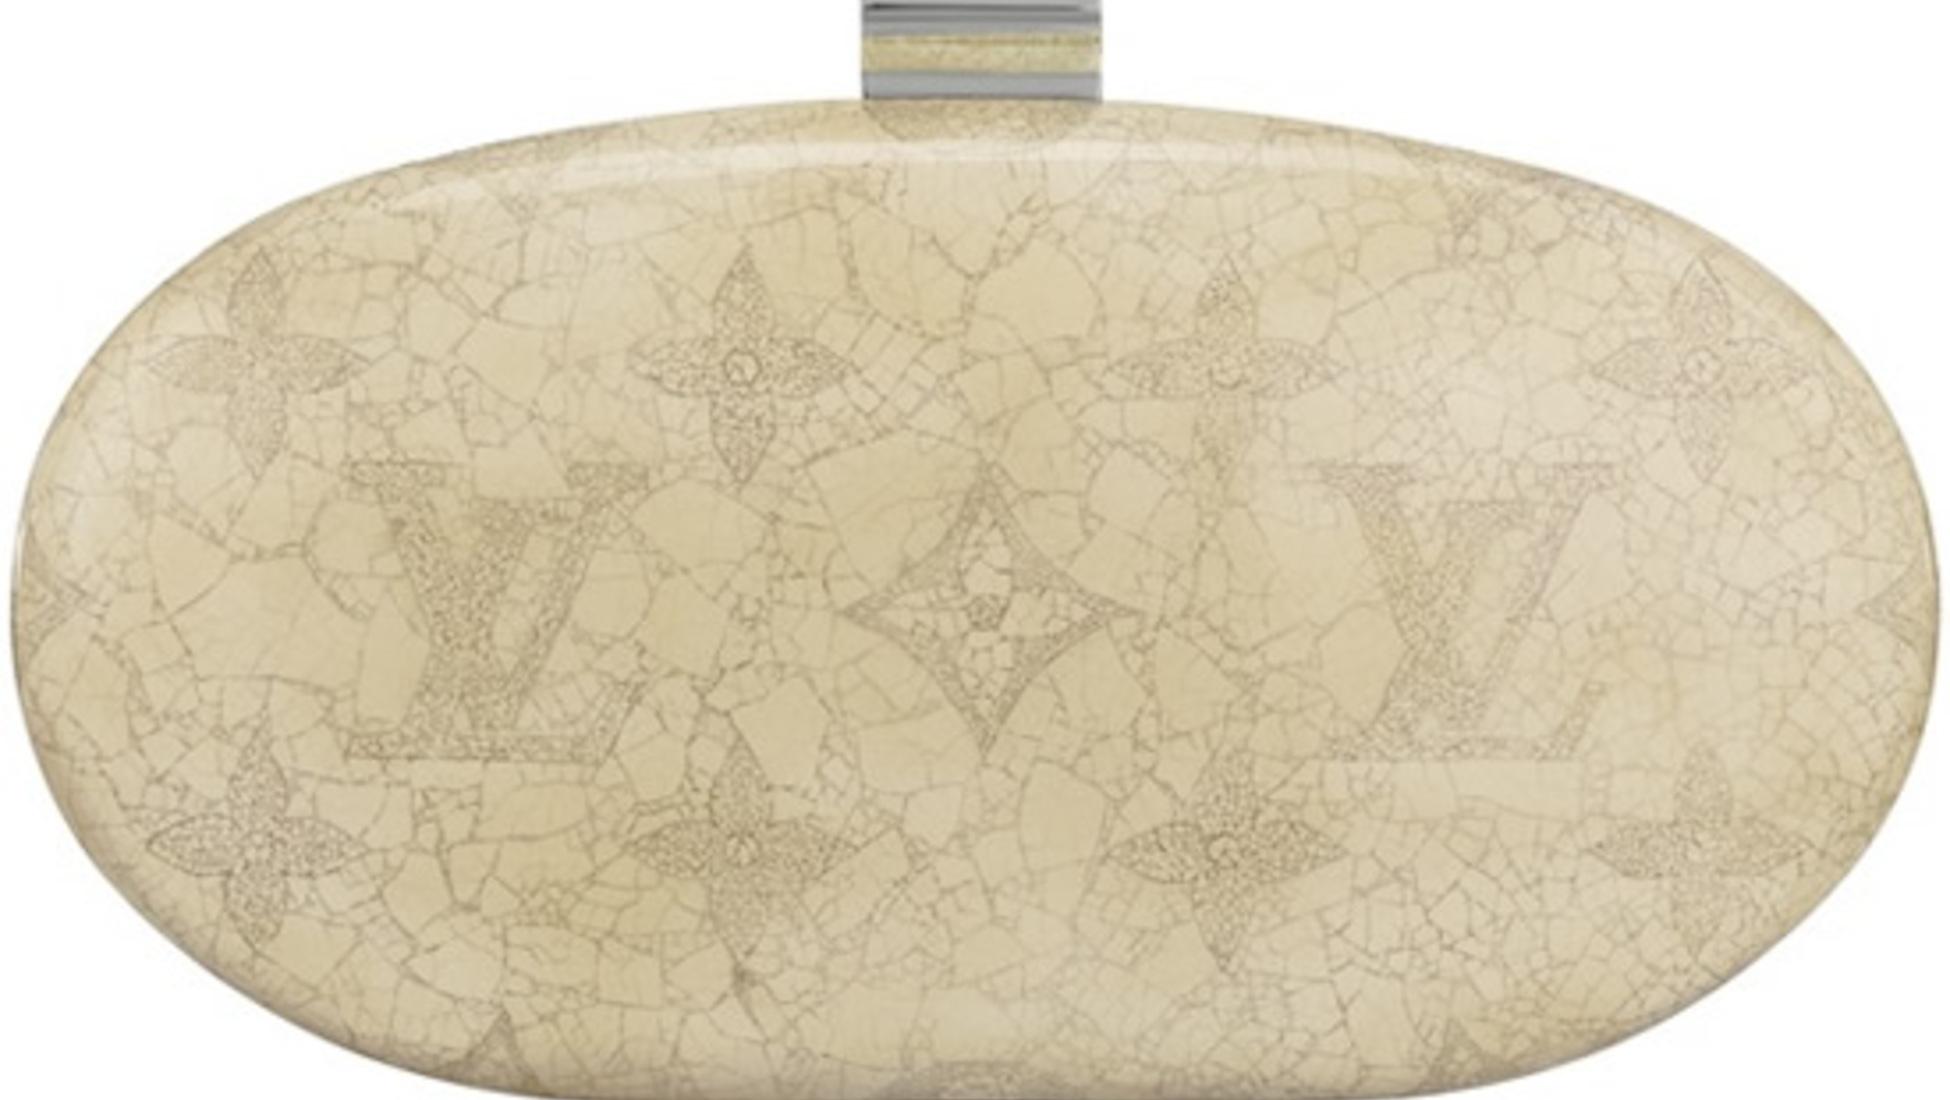 fcfa9706500 Van de 5 handtassen op deze lijst, is de Kusama Pumpkin Minaudiere de tas  die er volgens ons het meest luxueus uitziet. Veel mensen zien deze tas als  ...